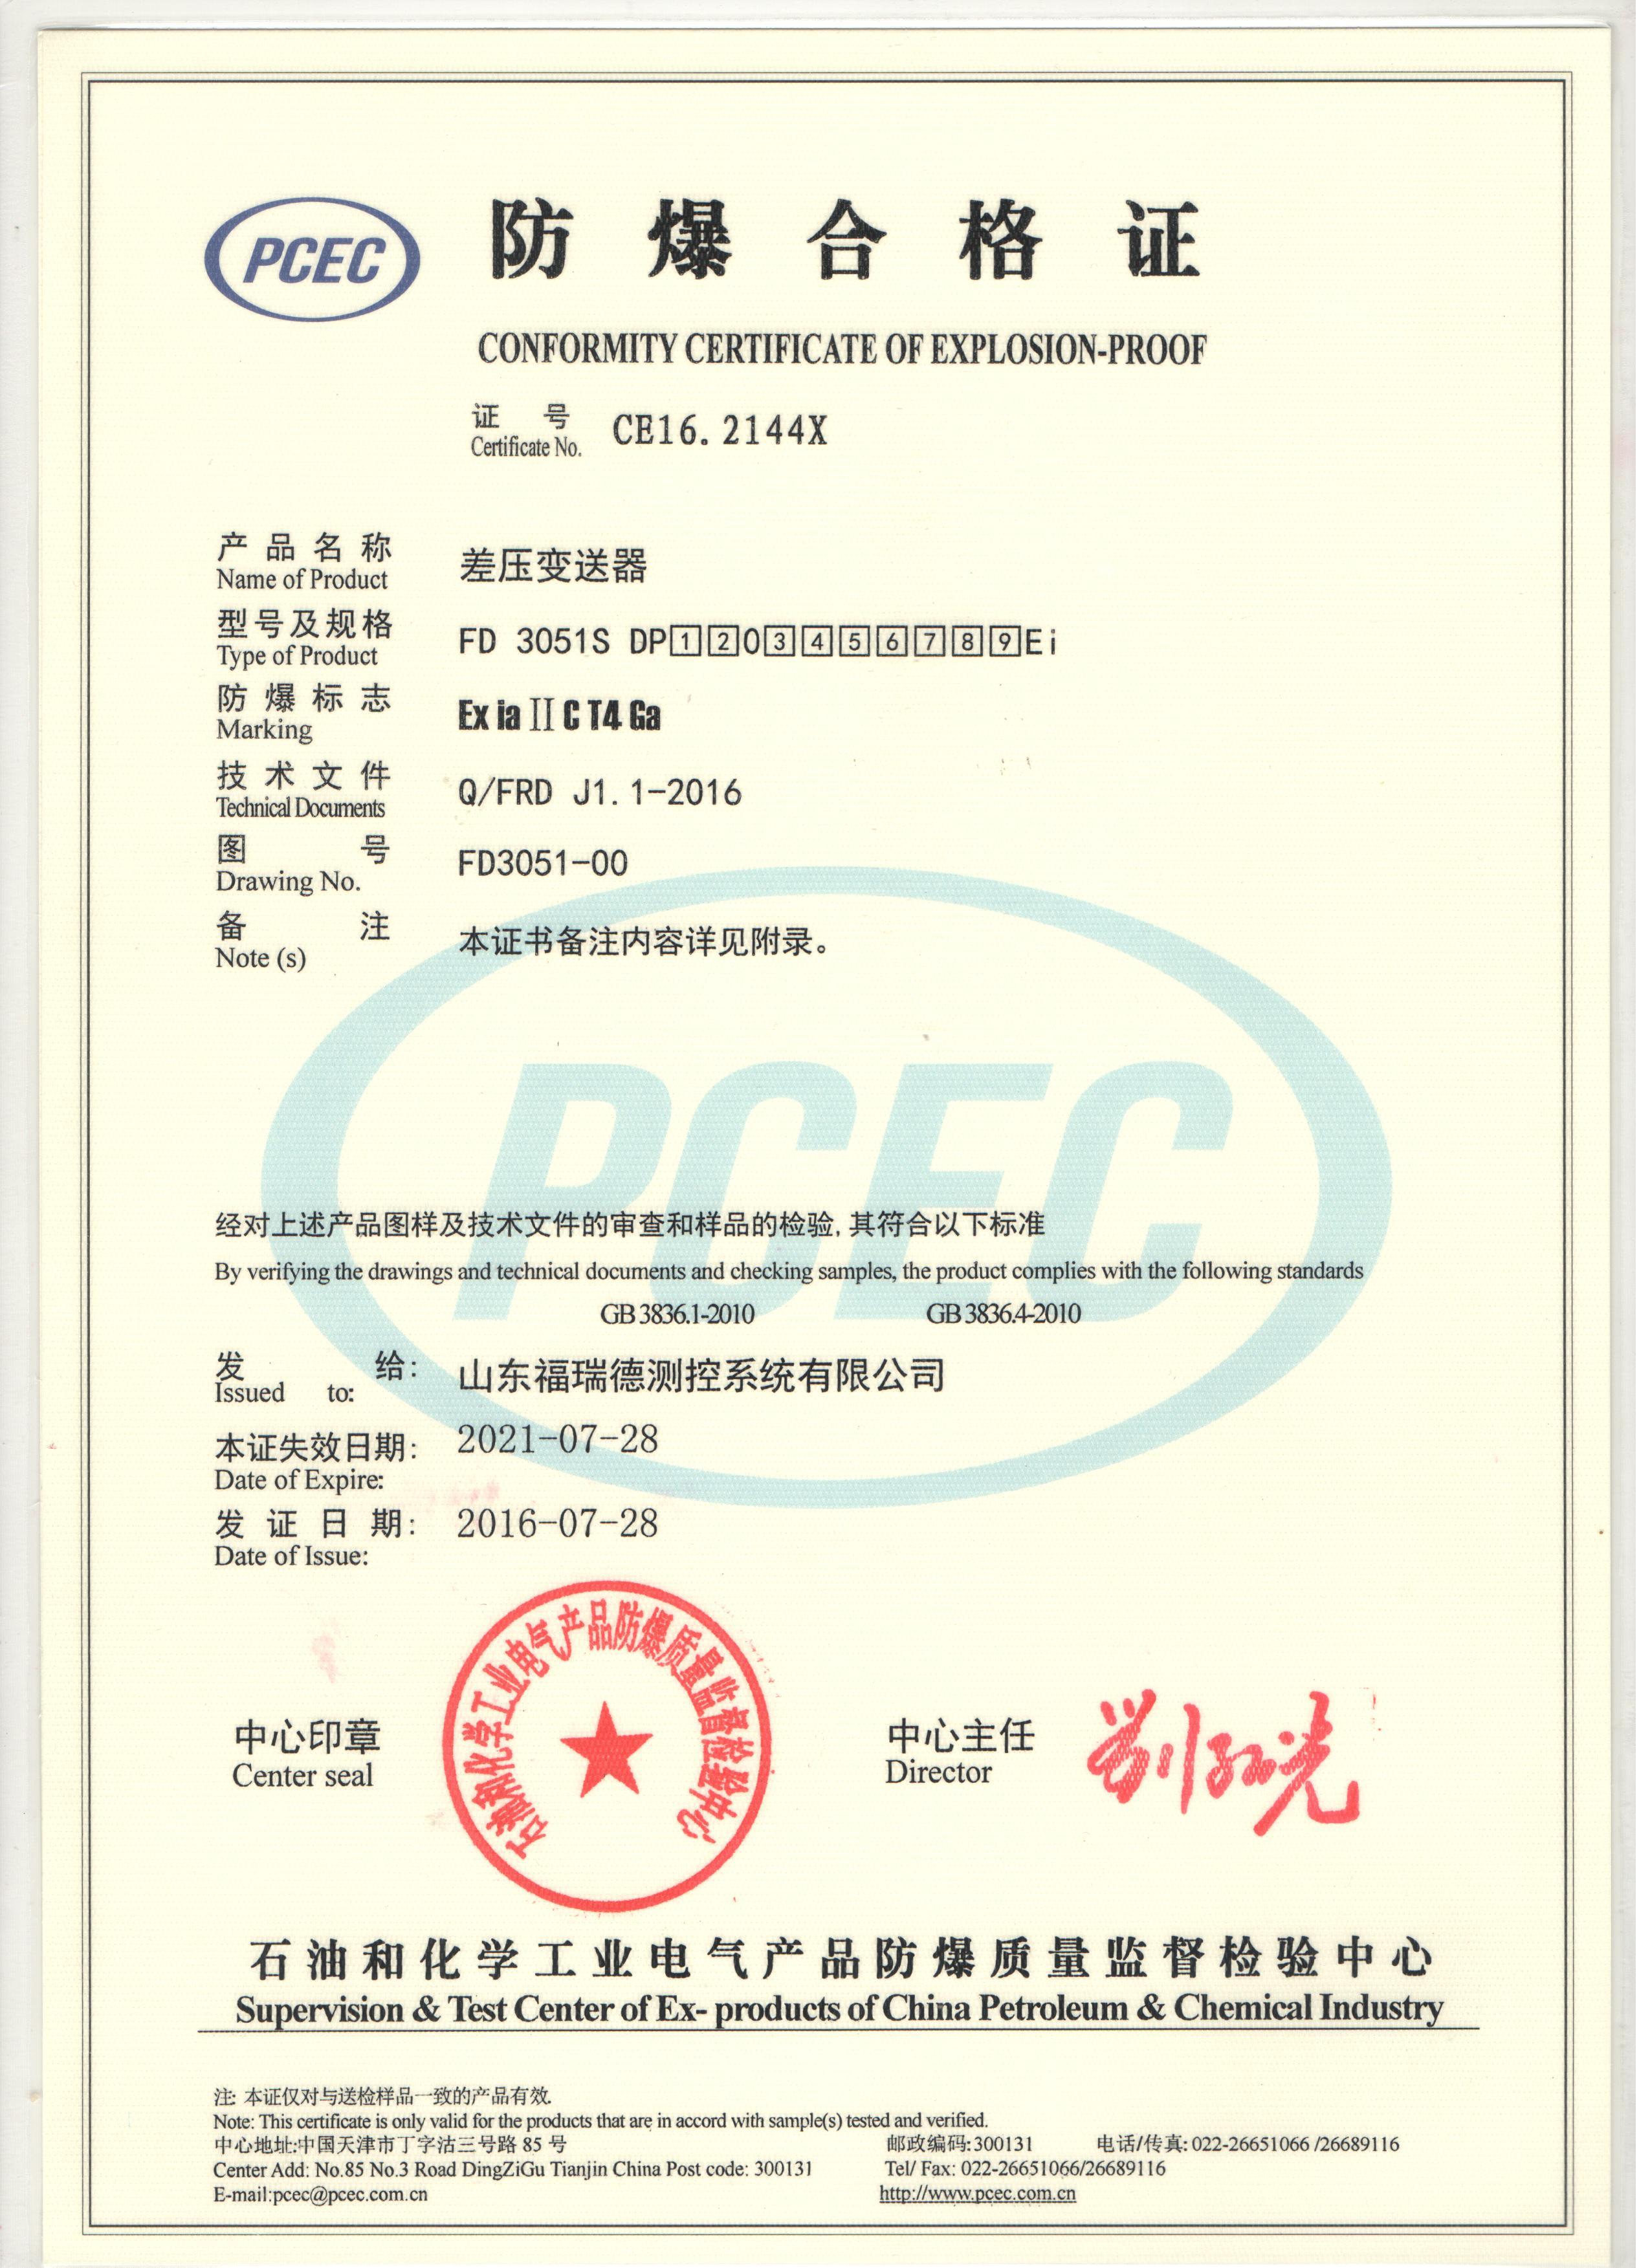 Explosion-proof certificate ExiaIICT4Ga